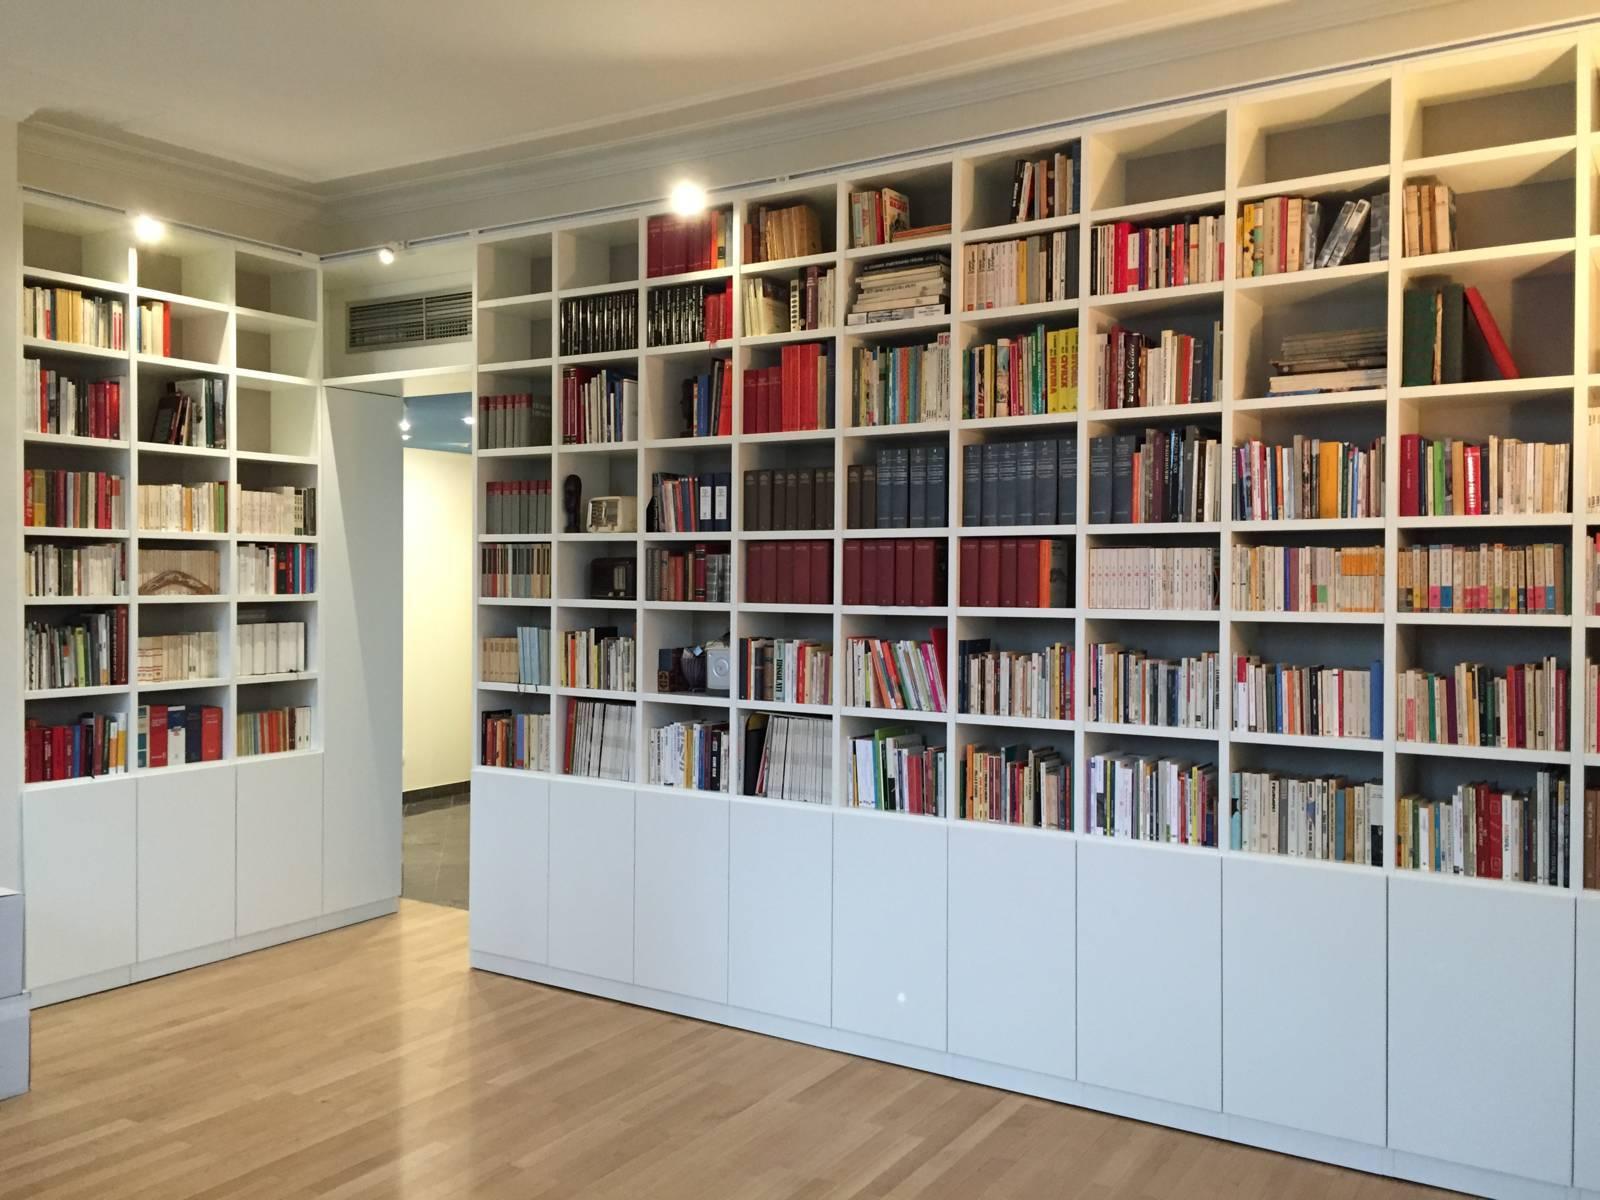 Prezzo Libreria Su Misura.Mobili Su Misura Milano E Provincia Metroarredo